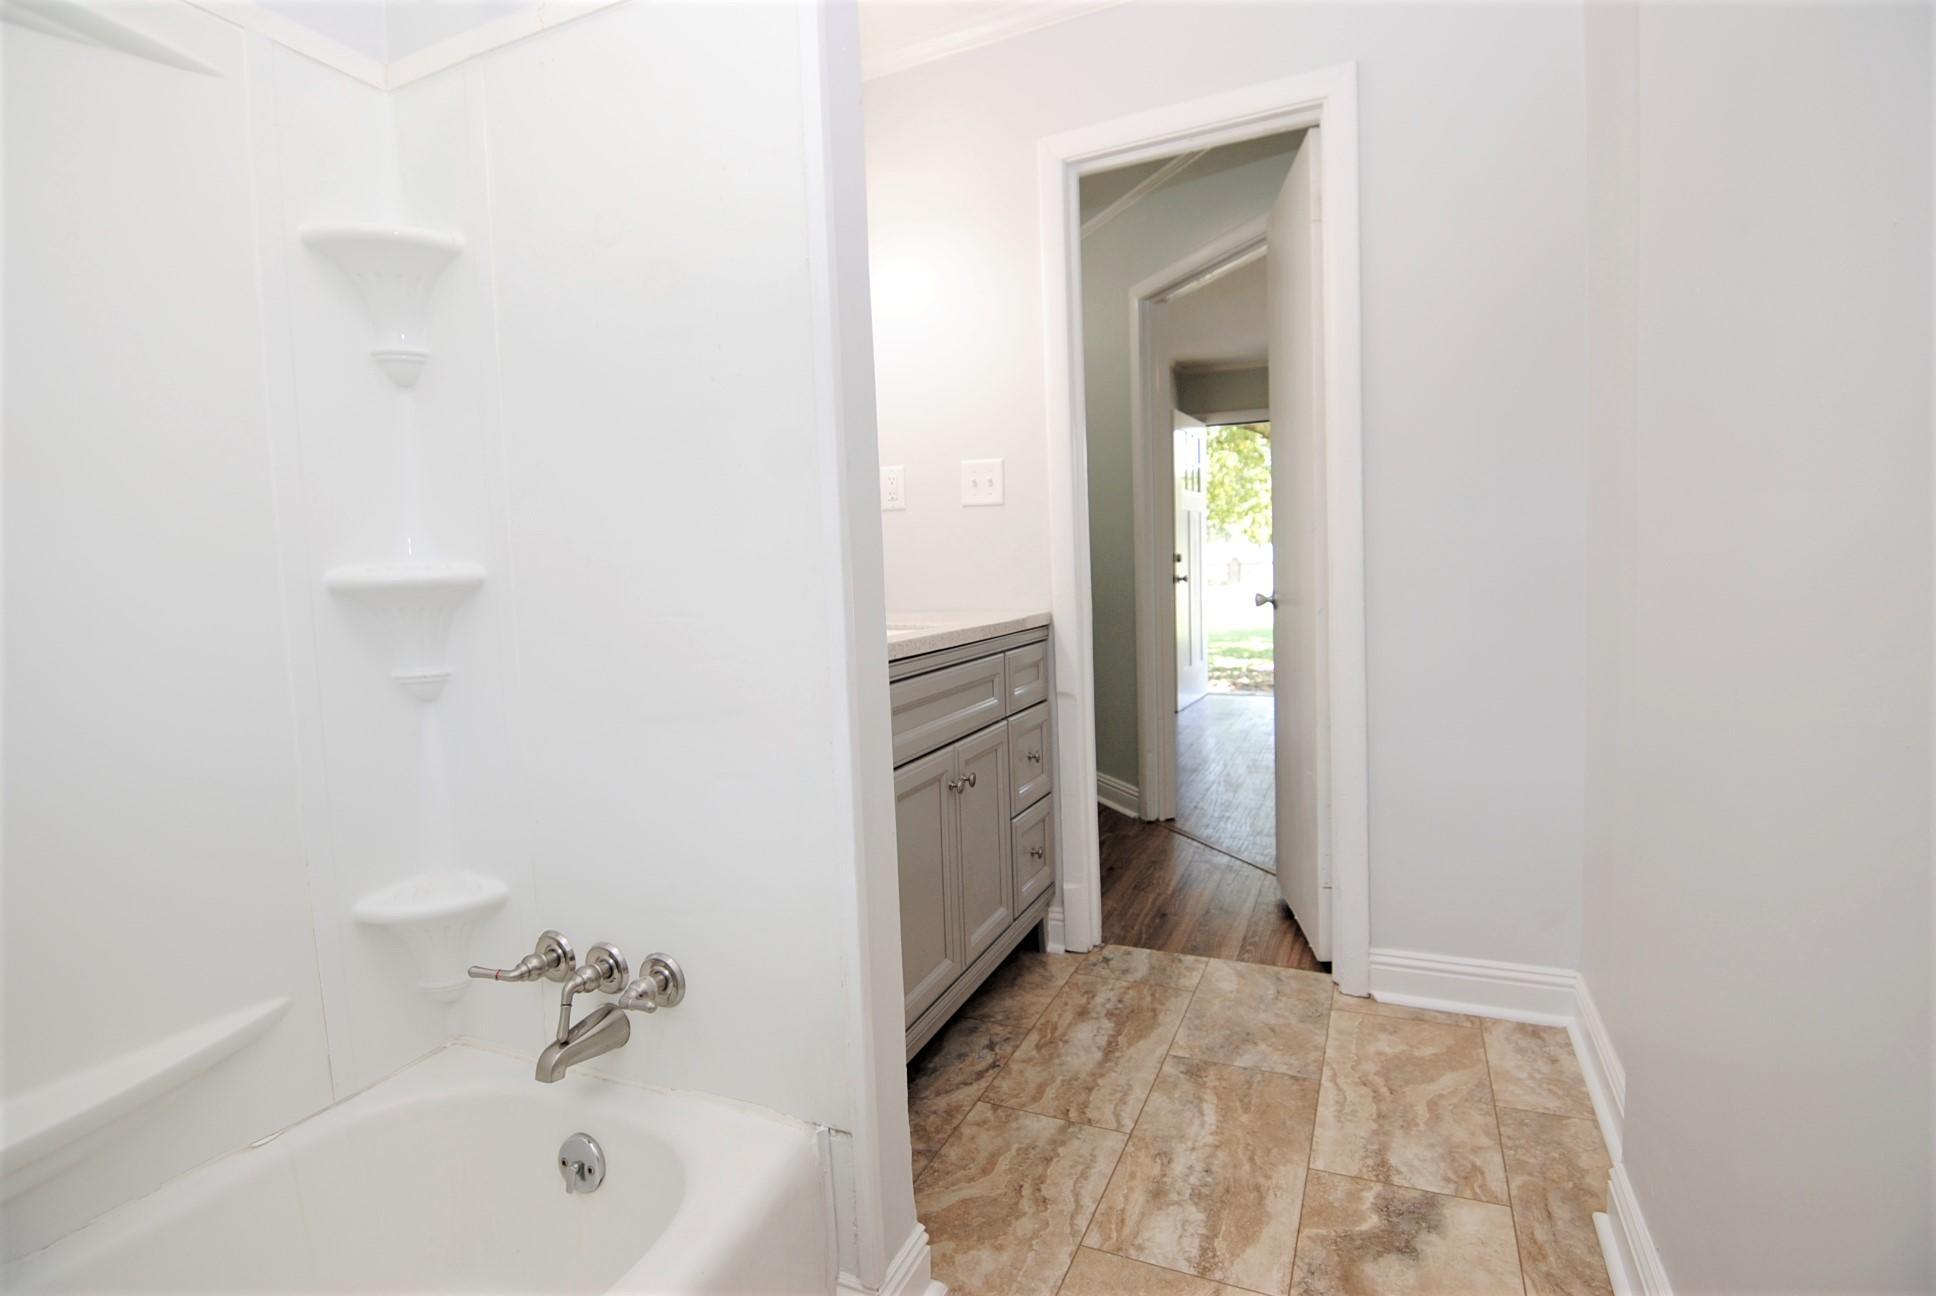 Pinopolis Homes For Sale - 1126 Sugar Hill, Moncks Corner, SC - 4